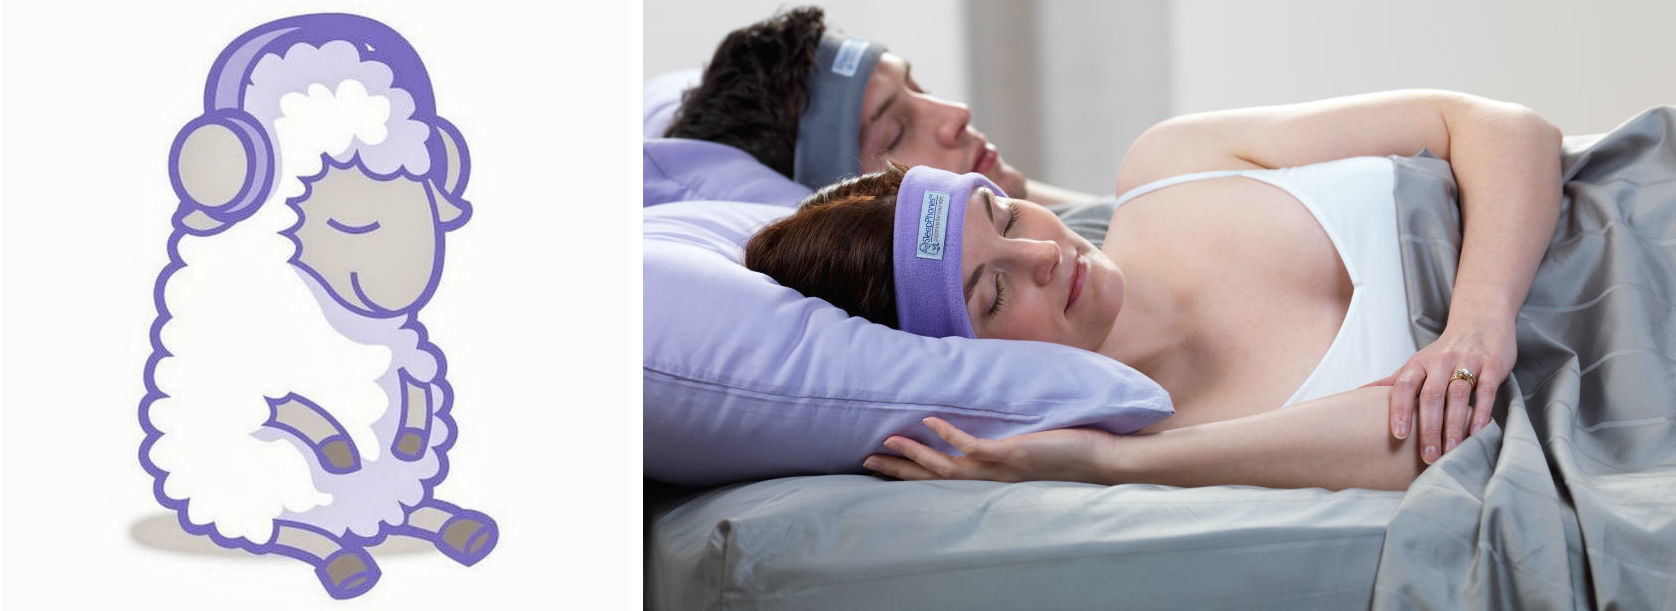 Тем, кто ложится спать, спокойного сна © Знакомимся с брендом AcousticSheep - 6